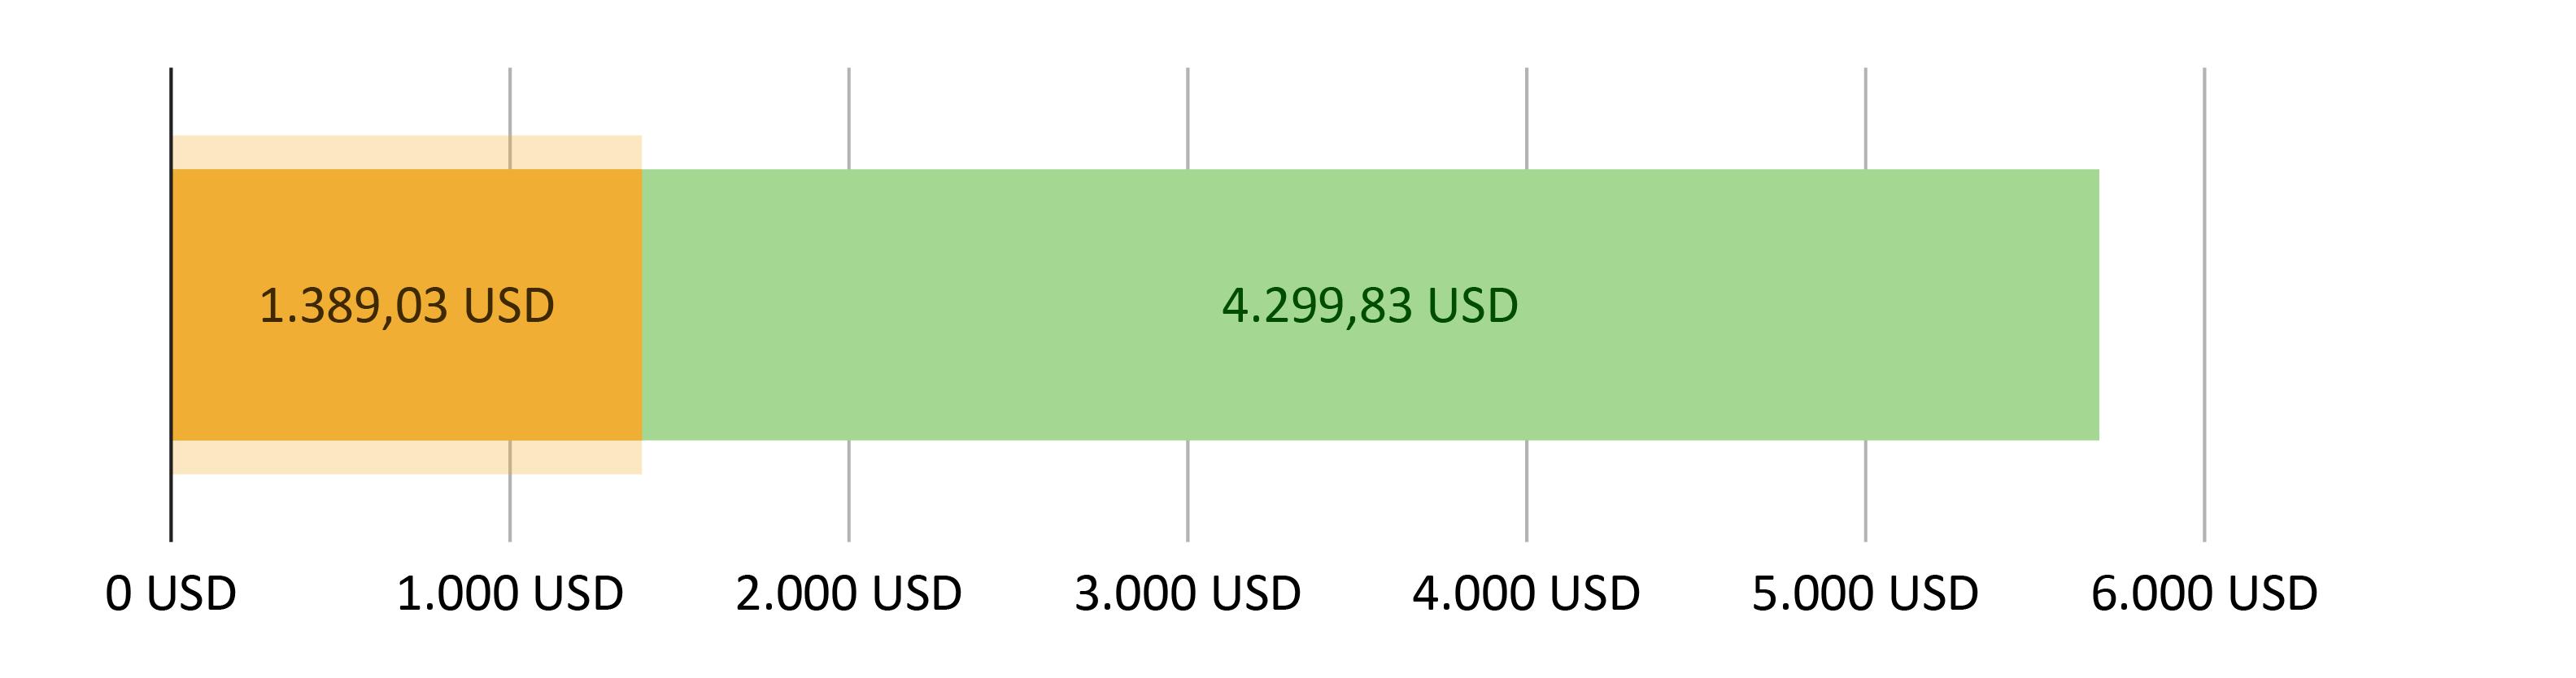 Elköltött összeg 1,389.03 USD; fennmaradó összeg 4,299.83 USD.